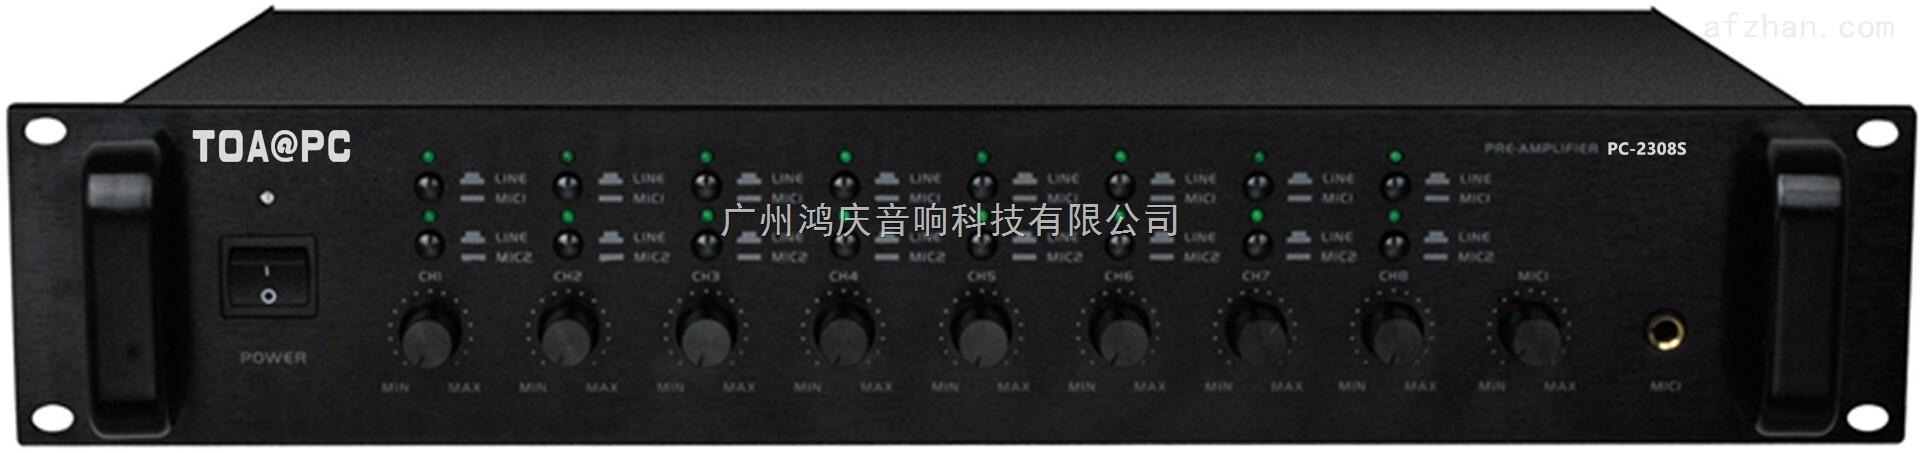 PC-2308S公共广播八入八出音频矩阵